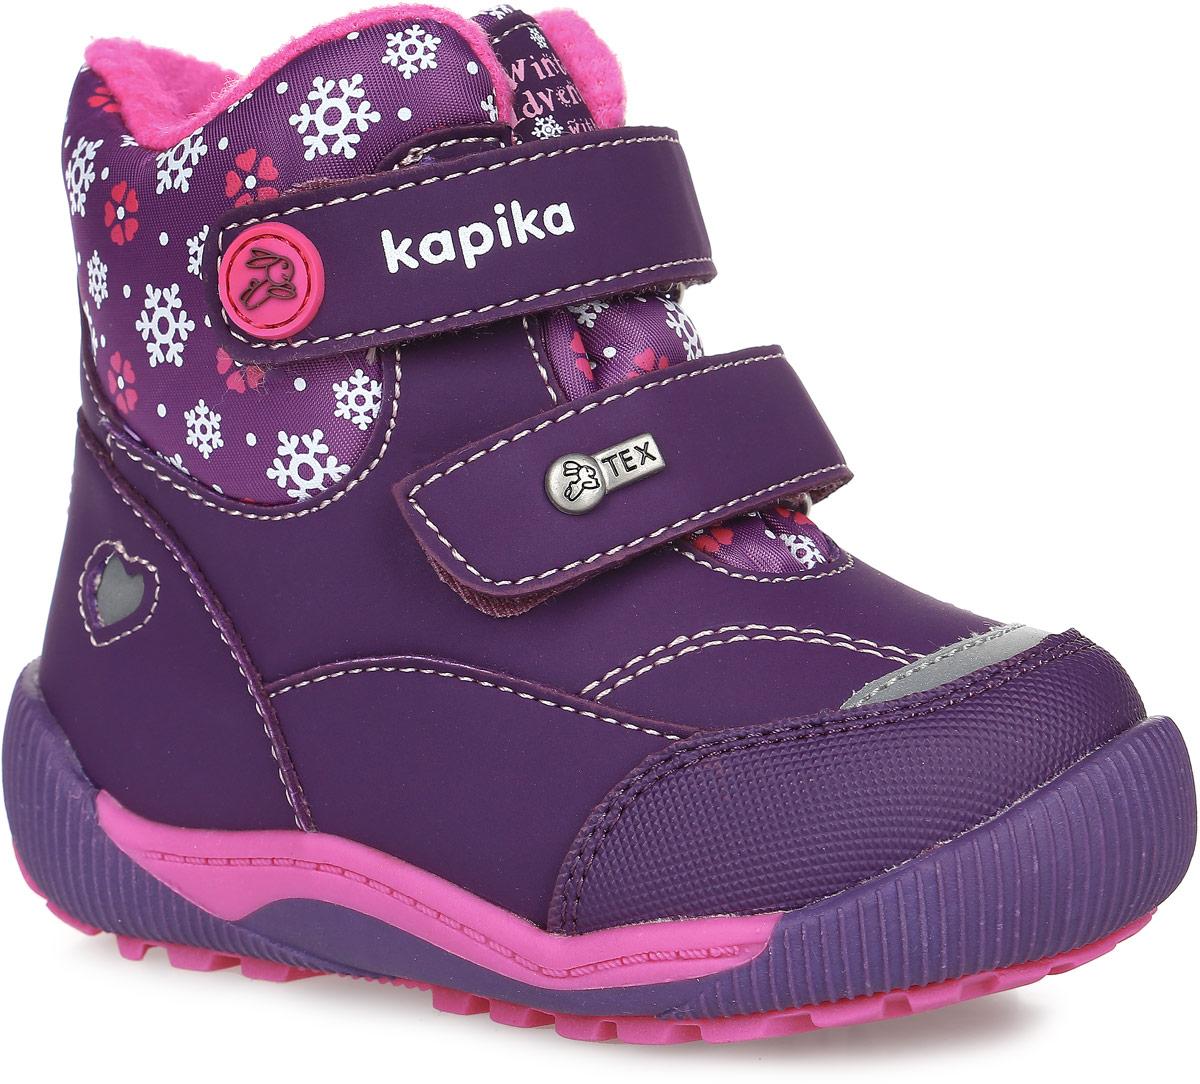 41171-1Ботинки от Kapika придутся по душе вашей девочке. Модель идеально подходит для поздней осени, ранней весны, а также для тёплой и сырой погоды зимой, сохраняет комфортный микроклимат в обуви как при ношении на улице, так и в помещении. Верх обуви изготовлен из искусственной кожи со вставками из водонепроницаемого текстиля, оформленного принтом снежинки, язычок и ремешки декорированы фирменным логотипом бренда. Два ремешка на застежке-липучке надежно зафиксируют изделие на ноге. Подкладка и стелька изготовлены из натуральной шерсти, что позволяет сохранить тепло и гарантирует уют ногам. Подошва с рифлением обеспечивает идеальное сцепление с любыми поверхностями. Такие чудесные ботинки займут достойное место в гардеробе вашего ребенка. УВАЖАЕМЫЕ КЛИЕНТЫ! Модель большемерит на один размер.